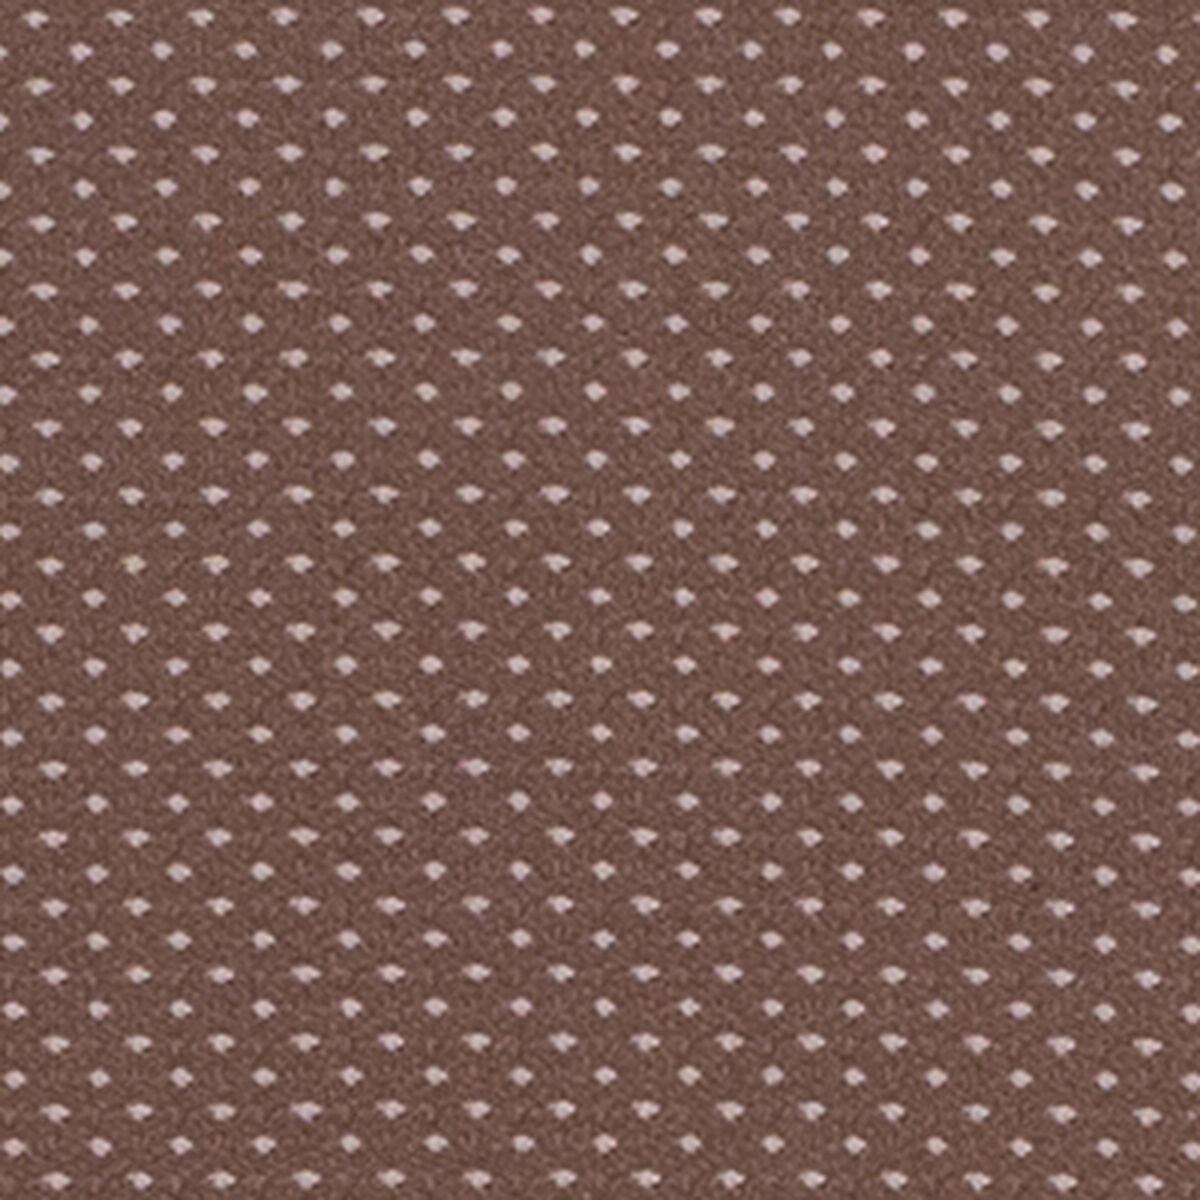 brown dot fabric church chair fd ch0221 4 gv bndot bas gg